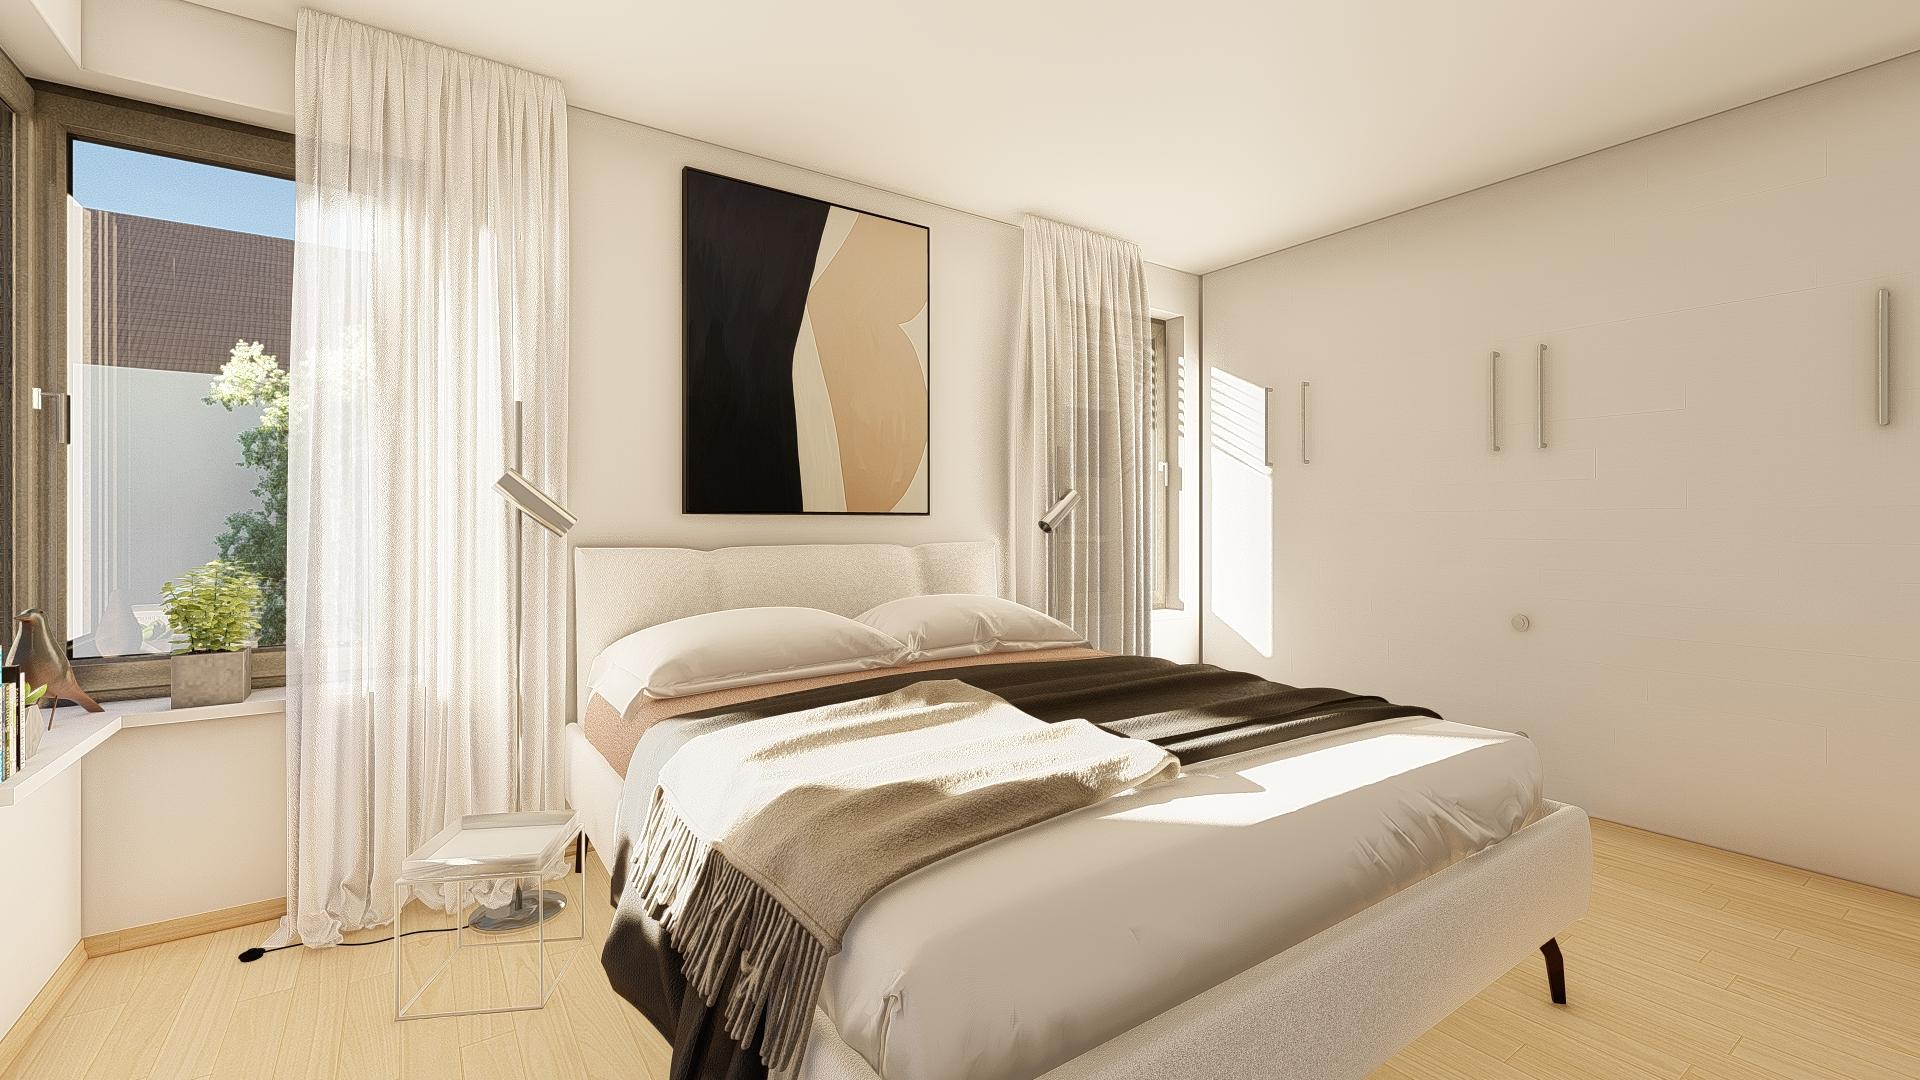 Schlafzimmer_6